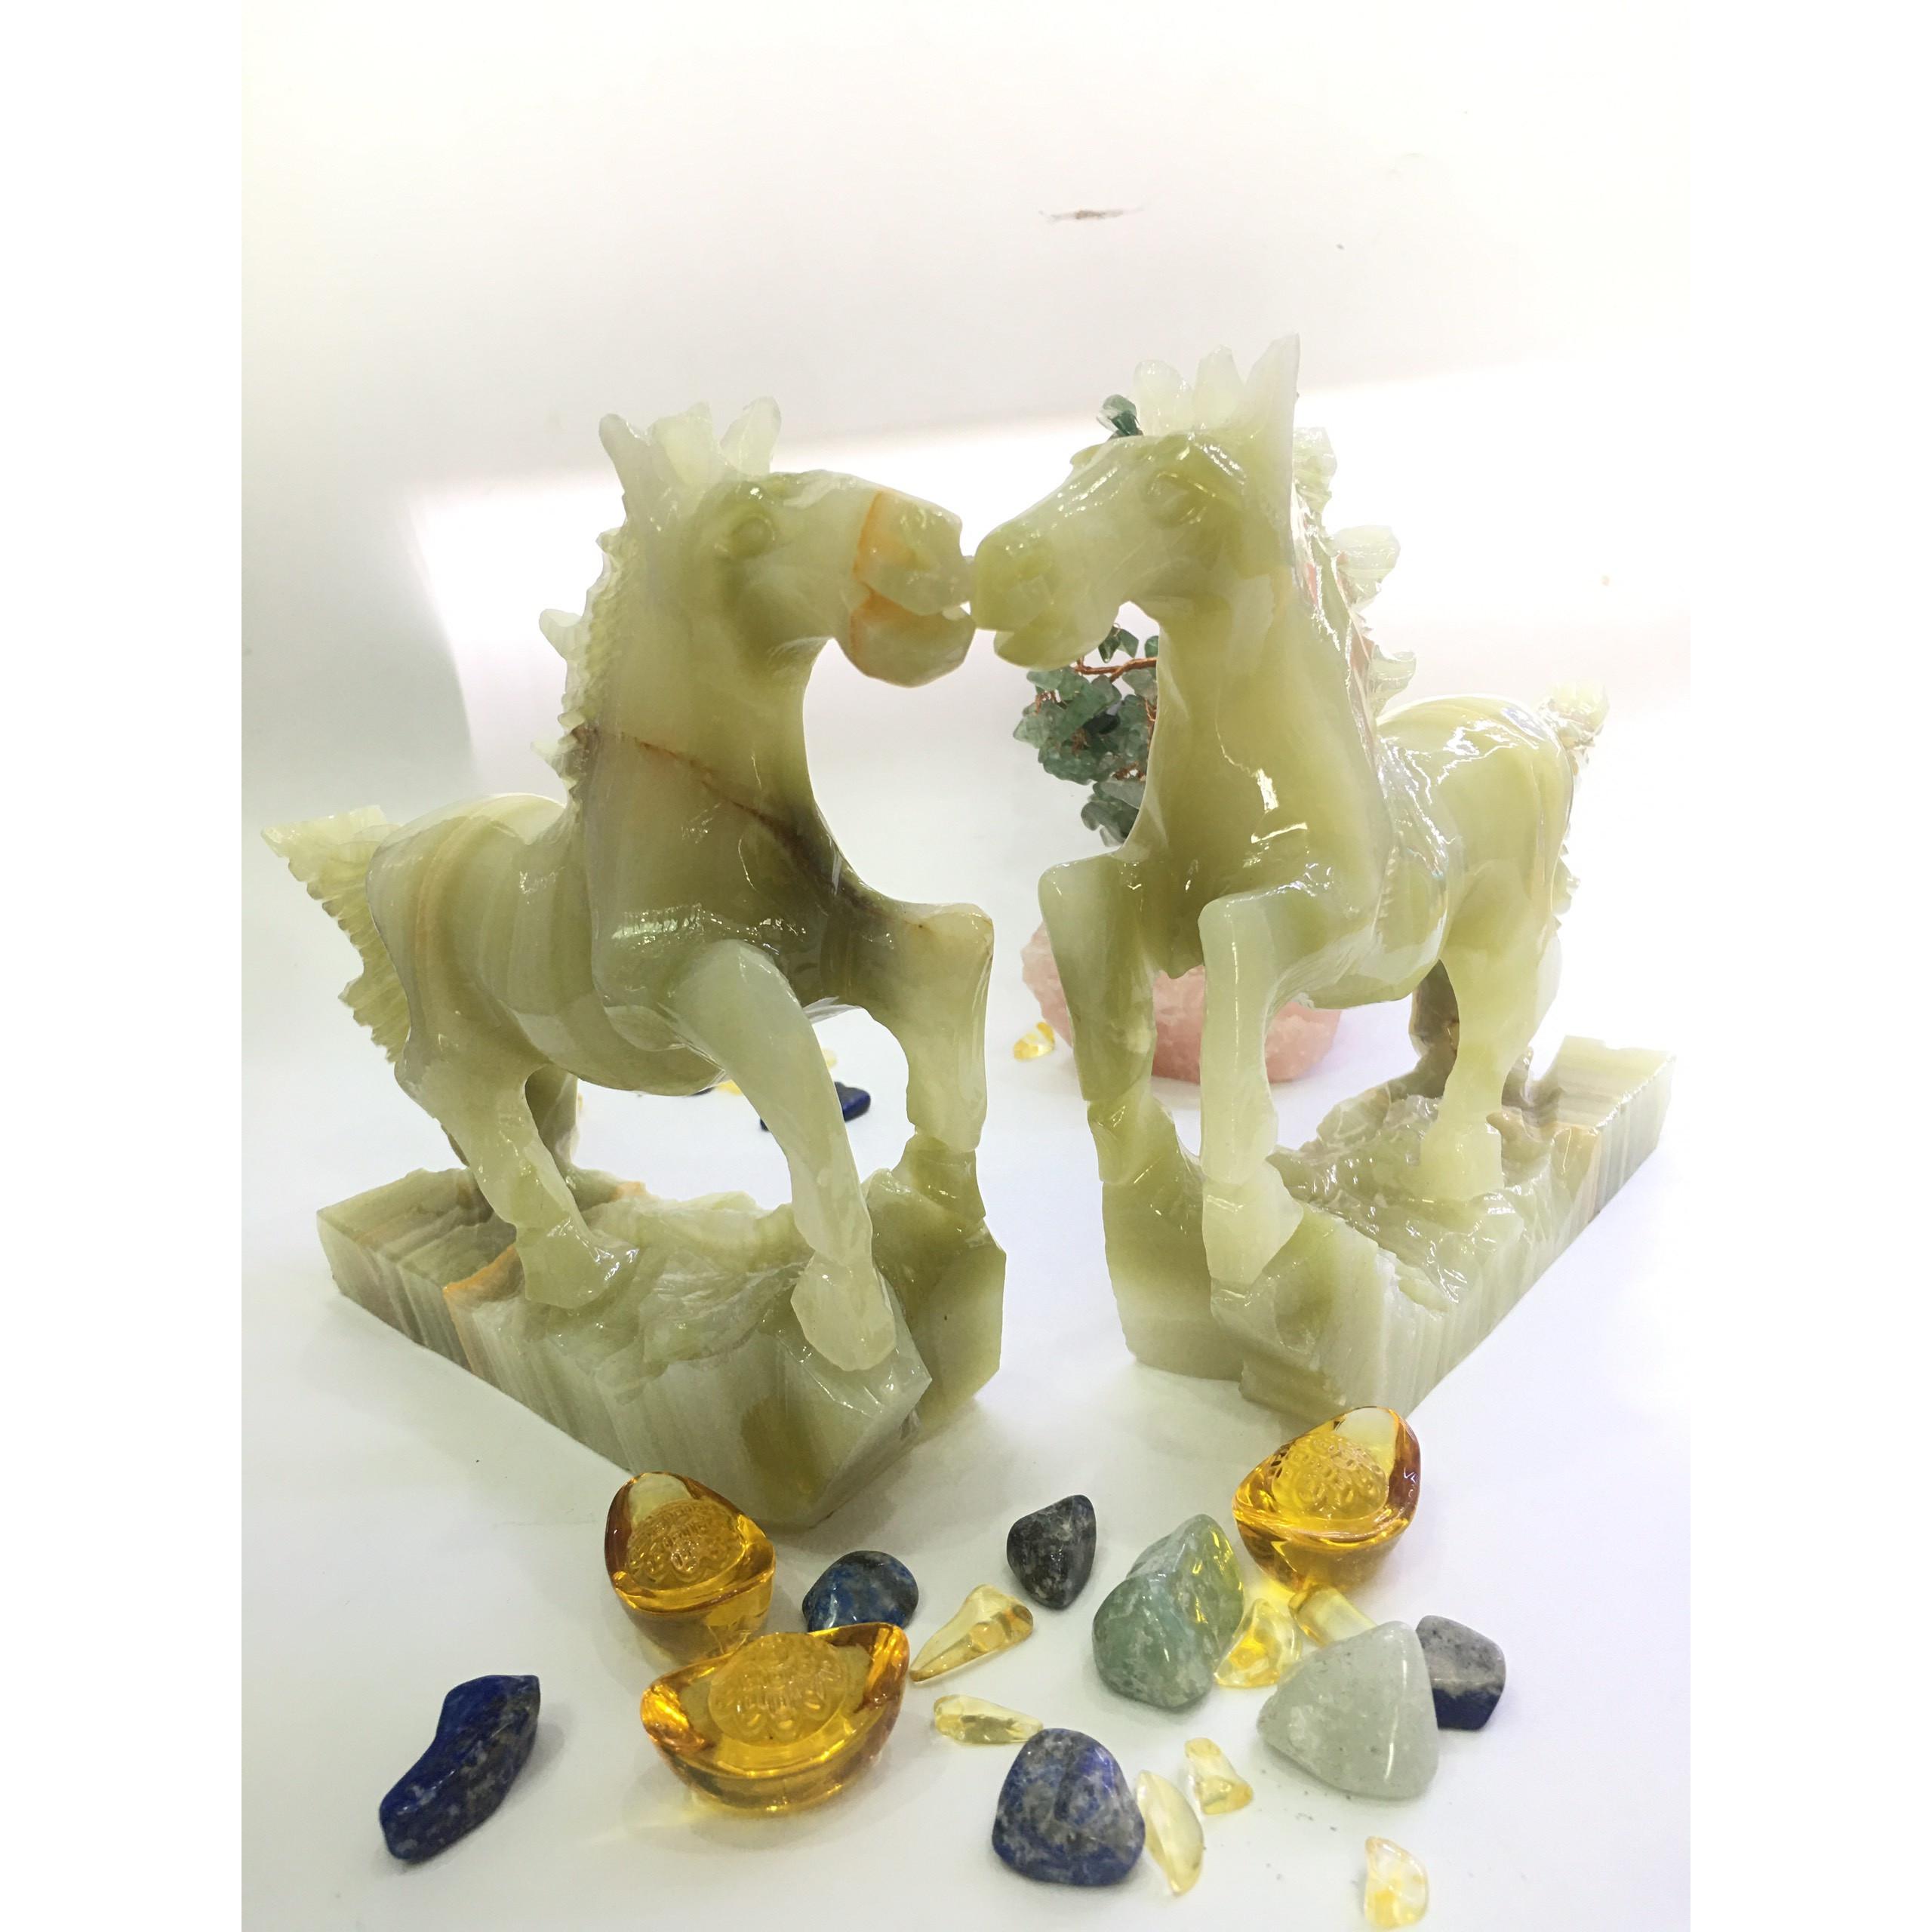 Cặp ngựa đá ngọc xanh -  dài 22cm - nặng 2,65kg/cặp